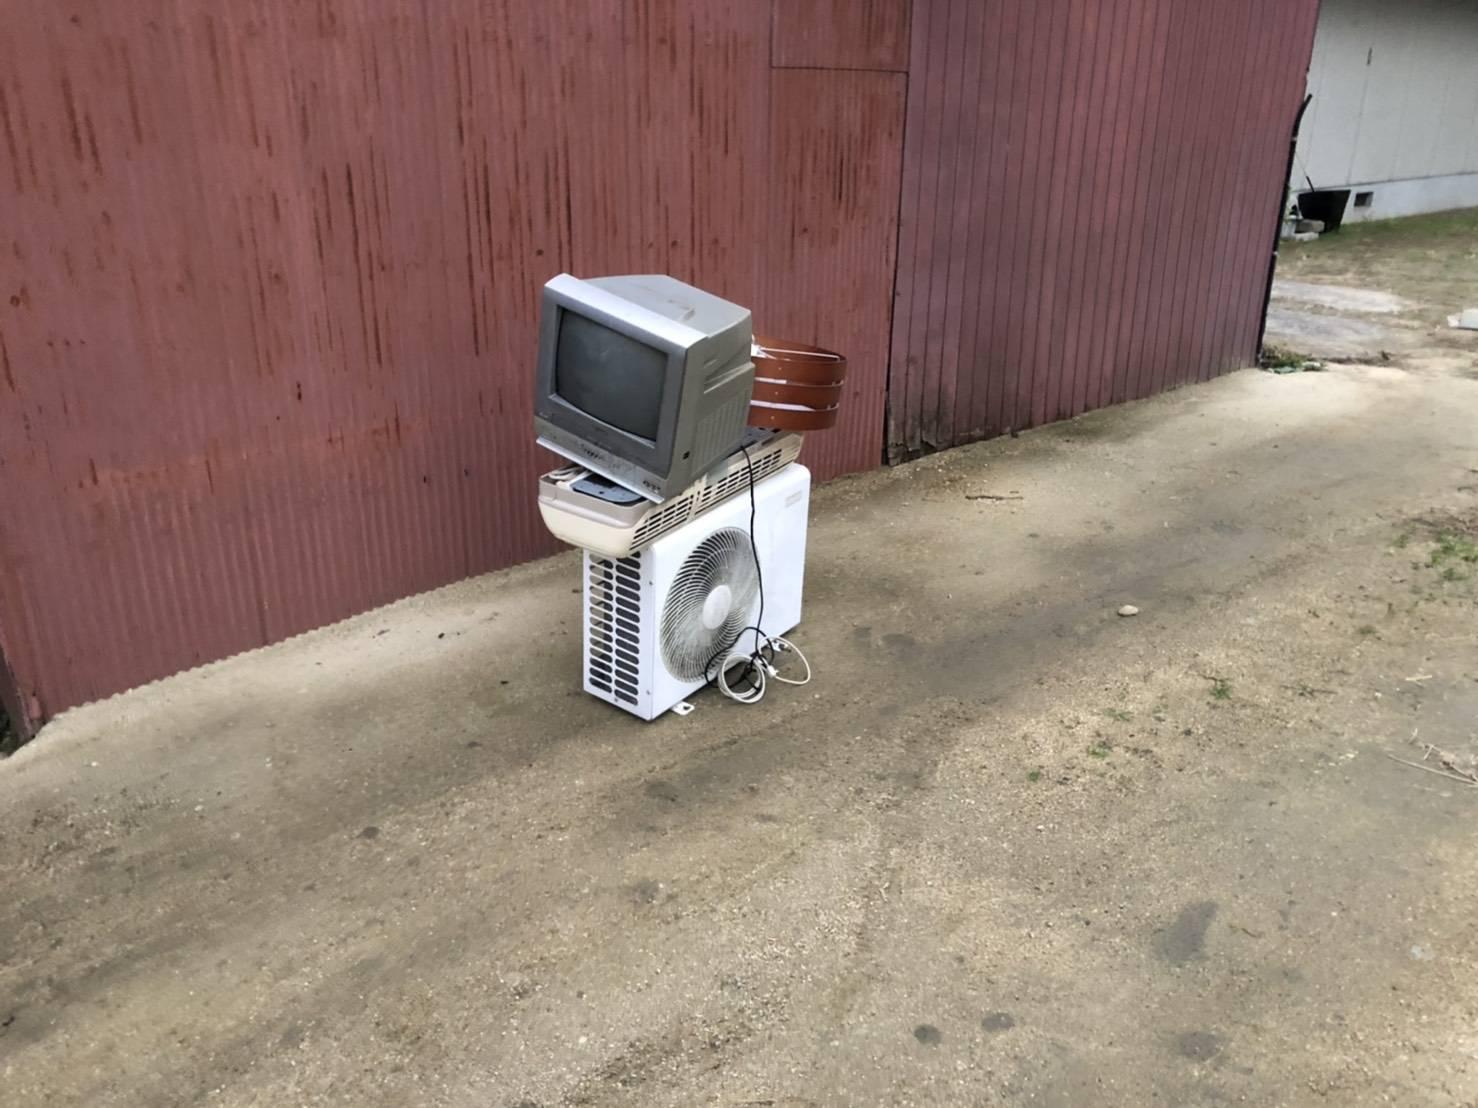 テレビ、エアコン、室外機の回収前